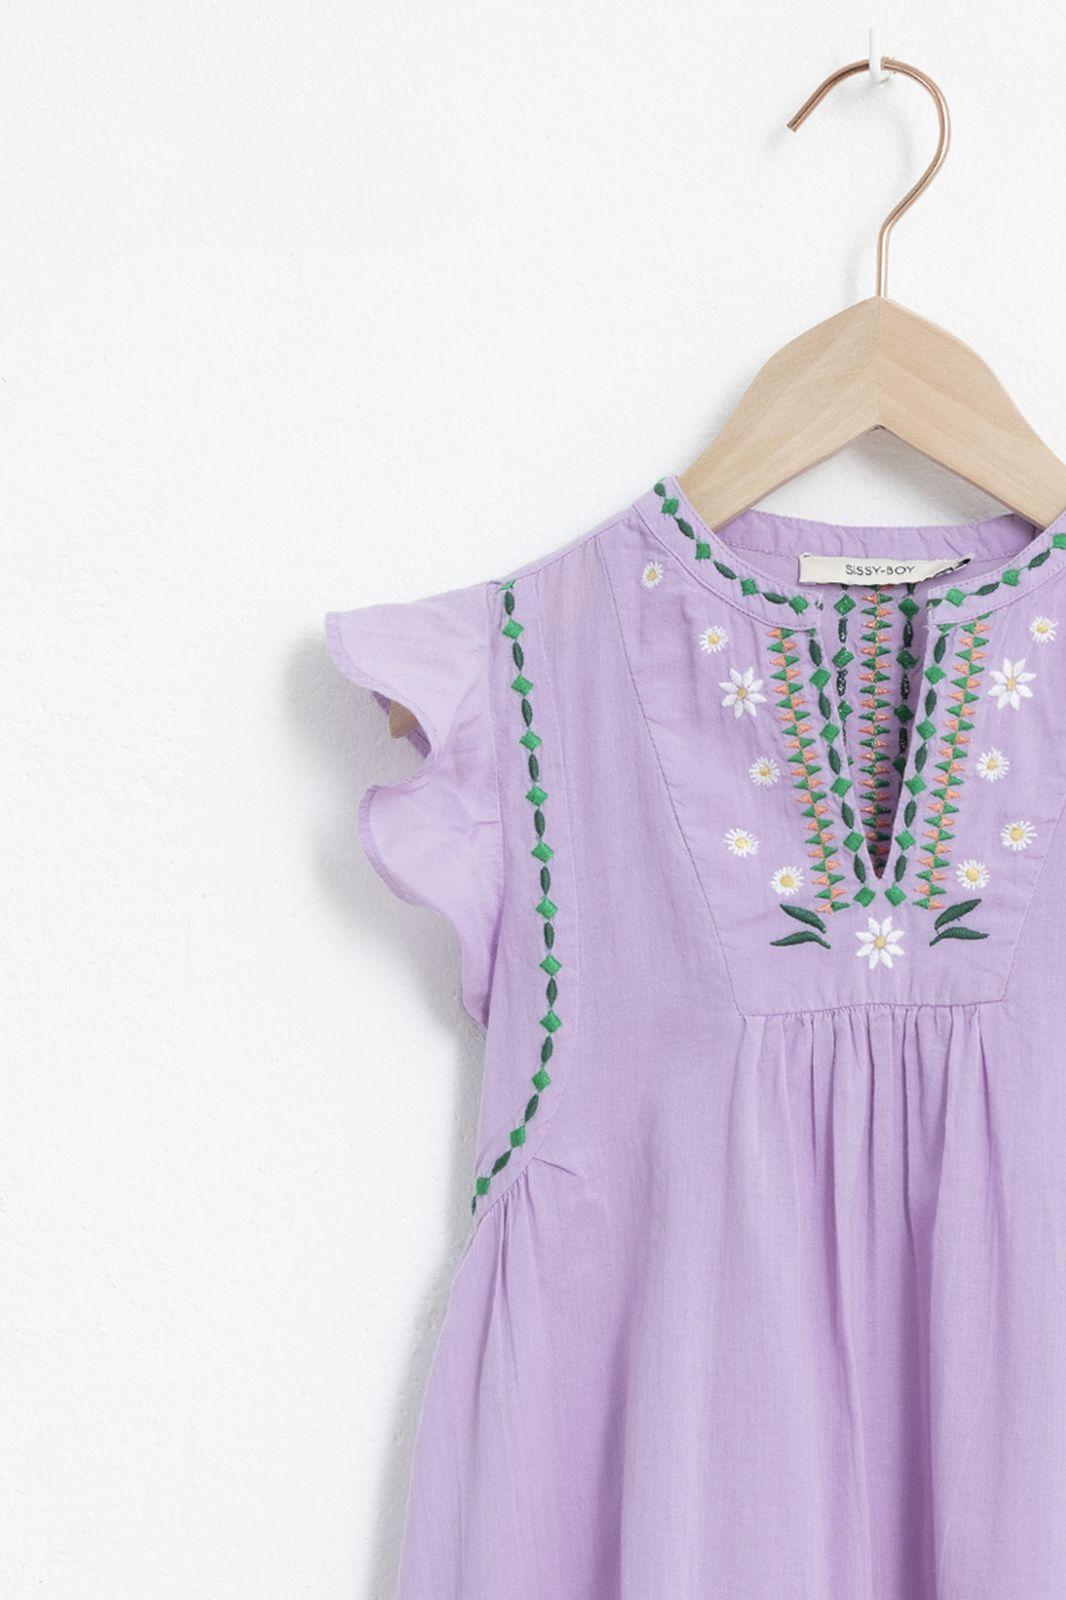 Paarse jurk met ruffles en geborduurde details